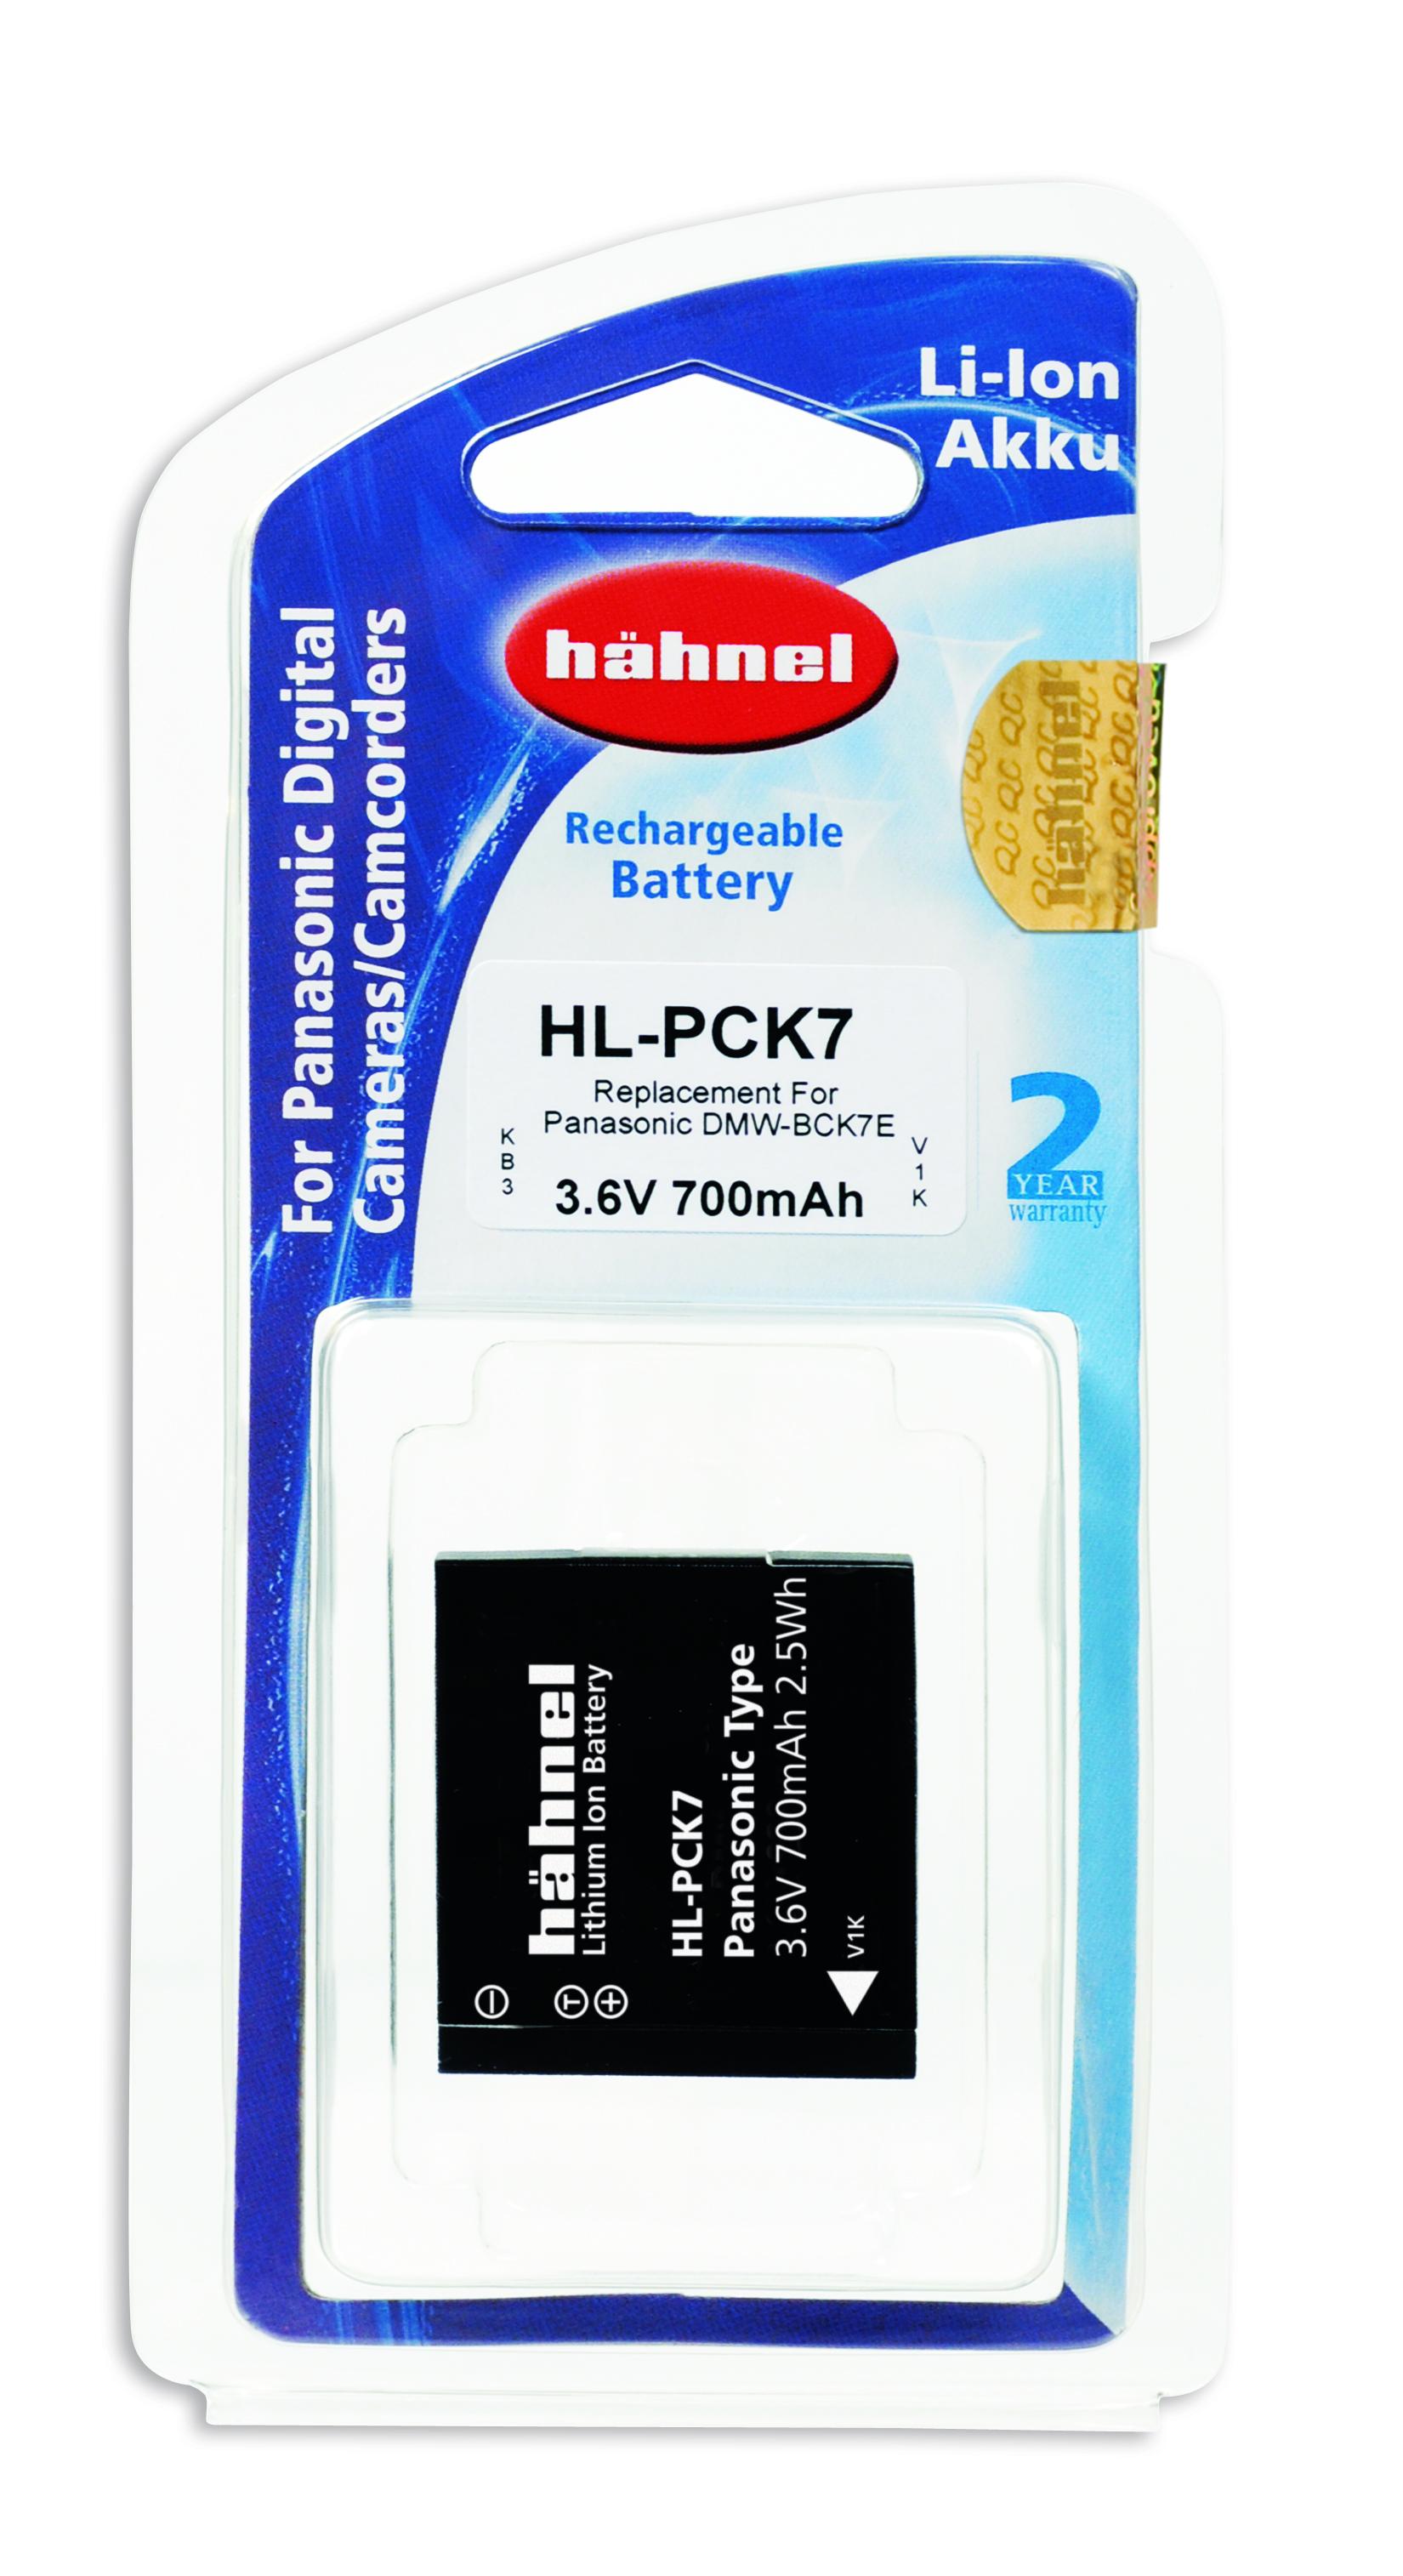 Hähnel HL-PCK7